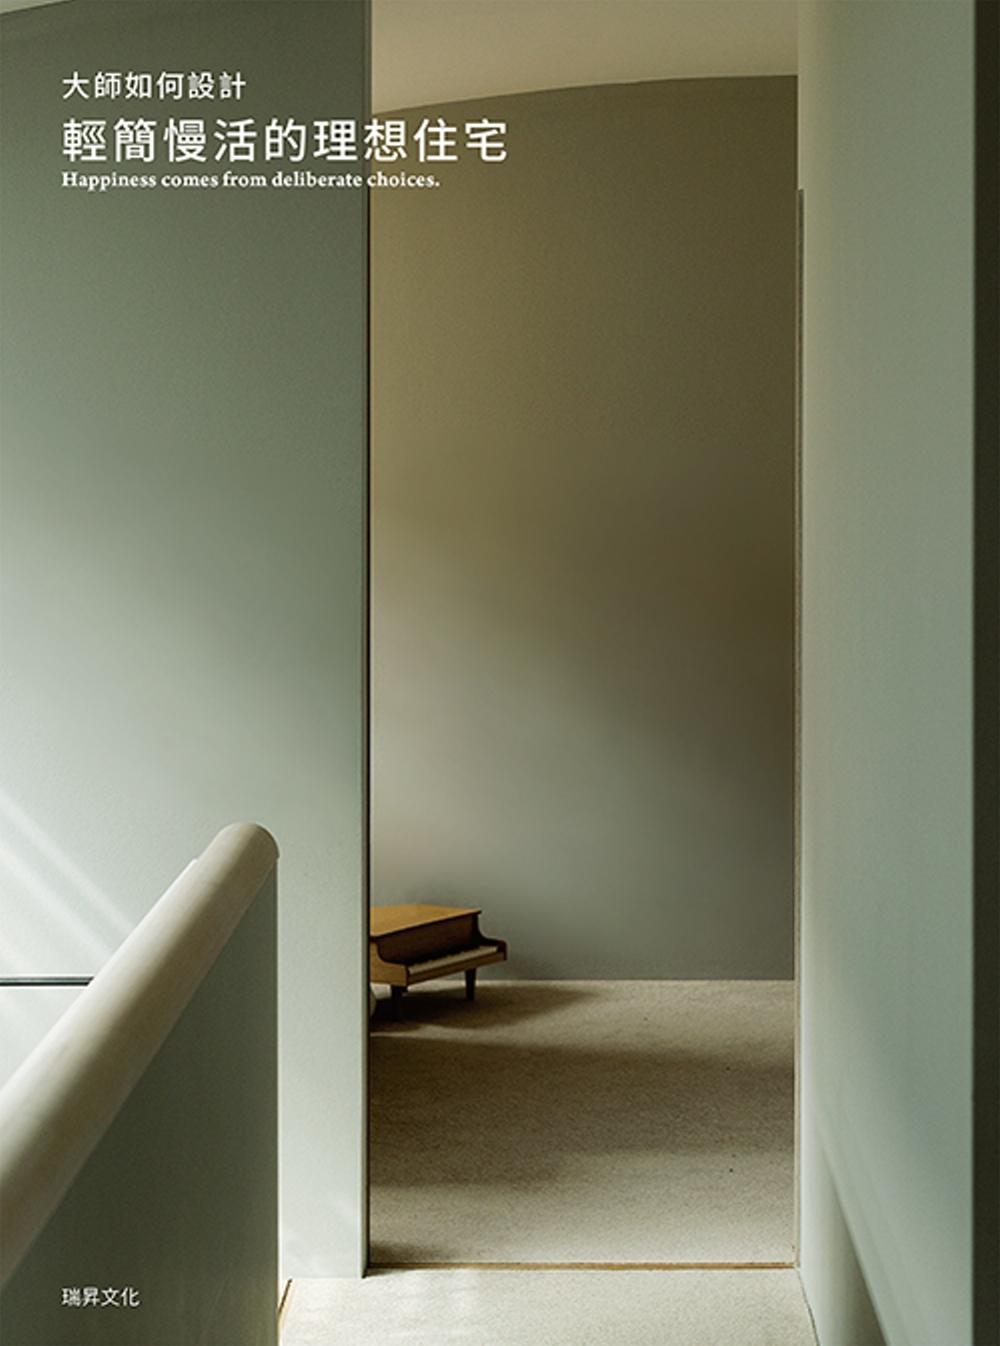 大師如何設計 輕簡慢活的理想住宅:簡單的裝潢擺設就能提升住家空間的質感~大師帶您一起實現打造理想住宅的設計法則!